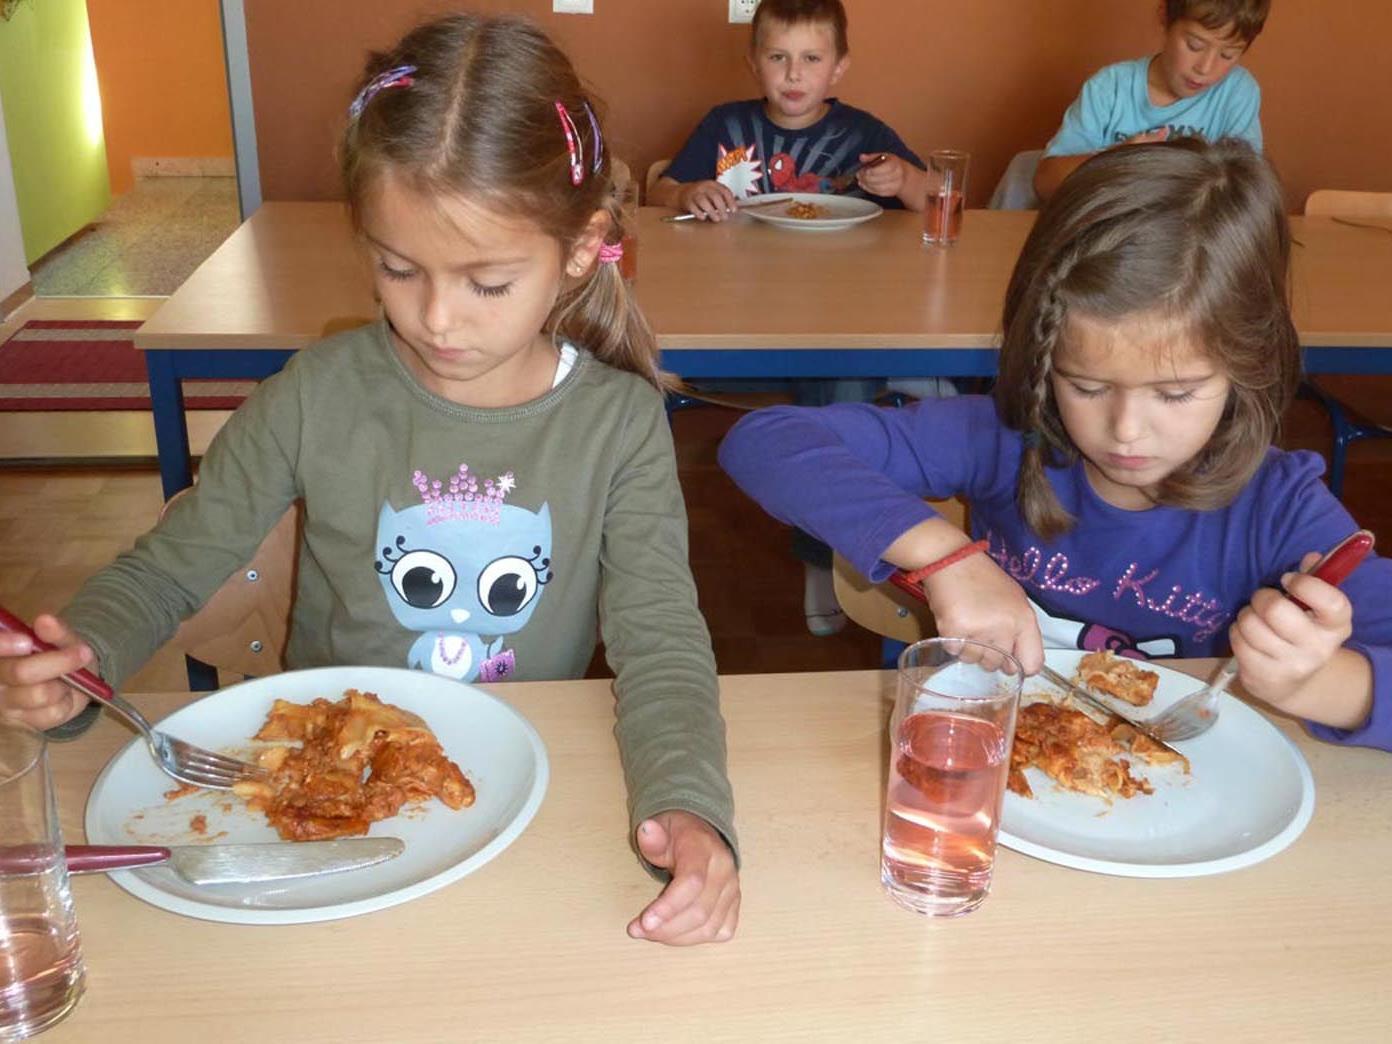 Bei der Schülerbetreuung in den Semesterferien wird auch ein Mittagessen angeboten.